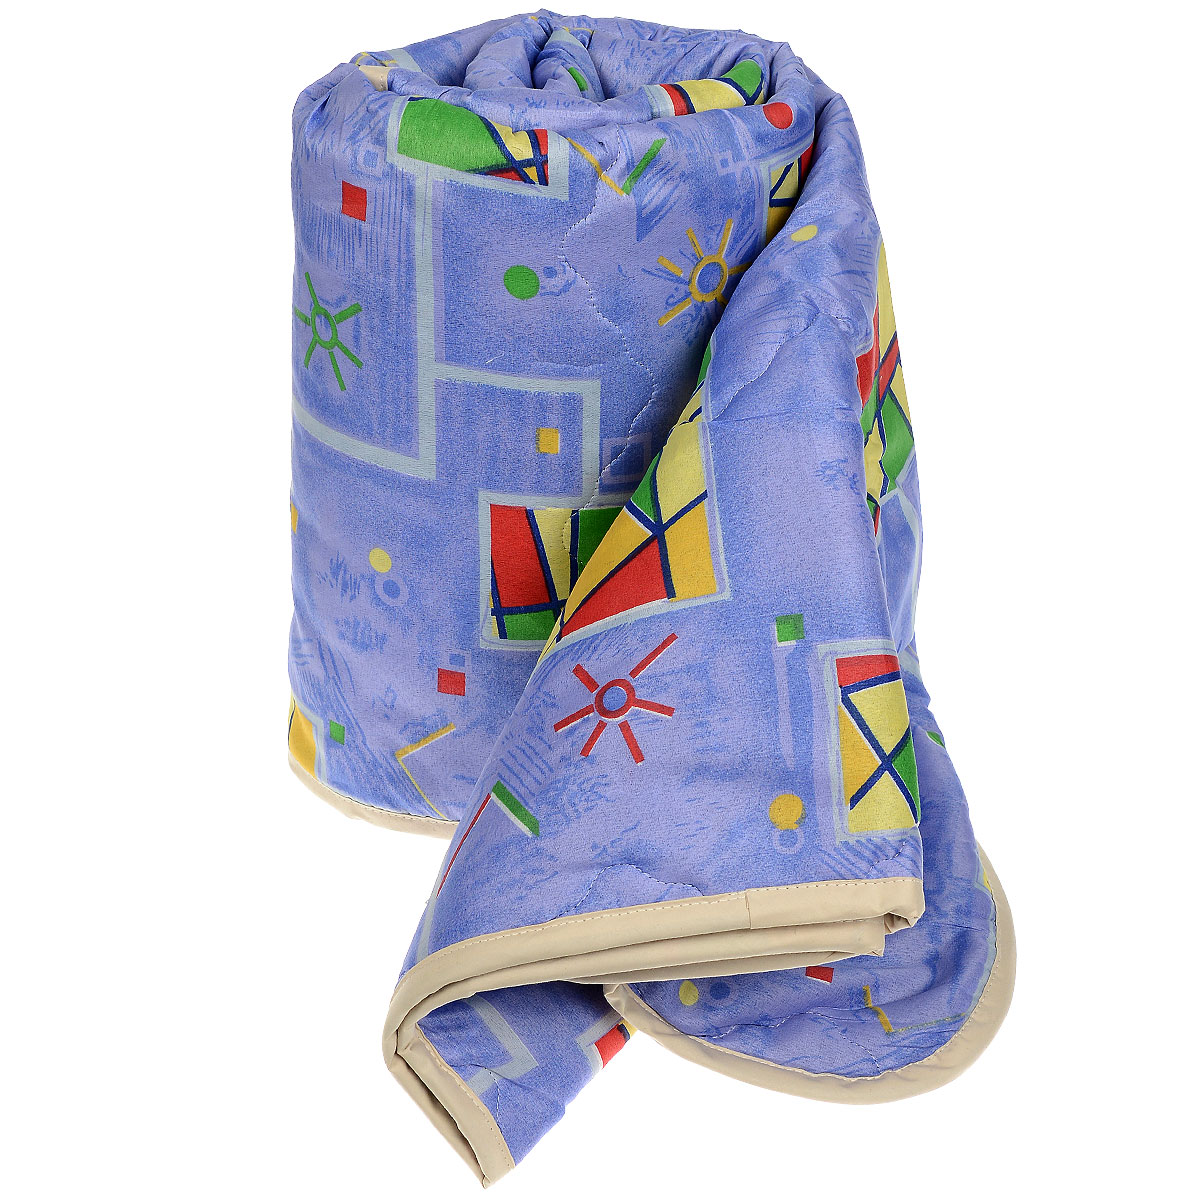 Одеяло всесезонное OL-Tex Геометрия, наполнитель: полиэфирное волокно Holfiteks, 140 см х 205 см531-105Всесезонное одеяло OL-Tex Геометрия создаст комфорт и уют во время сна. Стеганый чехол выполнен из полиэстера и оформлен красочным рисунком. Внутри - современный наполнитель из полиэфирного высокосиликонизированного волокна Holfiteks, упругий и качественный. Холфитекс - современный экологически чистый синтетический материал, изготовленный по новейшим технологиям. Его уникальность заключается в расположении волокон, которые позволяют моментально восстанавливать форму и сохранять ее долгое время. Изделия с использованием Холфитекса очень удобны в эксплуатации - их можно часто стирать без потери потребительских свойств, они быстро высыхают, не впитывают запахов и совершенно гиппоаллергенны. Холфитекс также обеспечивает хорошую терморегуляцию, поэтому изделия с наполнителем из холфитекса очень комфортны в использовании. Одеяло с современным упругим наполнителем Холфитекс порадует вас в любое время года. Оно комфортно согревает и создает отличный микроклимат. За одеялом легко ухаживать, можно стирать в стиральной машинке.Рекомендации по уходу:- Ручная и машинная стирка при температуре 30°С.- Не гладить.- Не отбеливать. - Нельзя отжимать и сушить в стиральной машине.- Сушить вертикально. Размер одеяла: 140 см х 205 см. Материал чехла: 100% полиэстер. Материал наполнителя: полиэфирное высокосиликонизированное волокно Holfiteks. Плотность наполнителя: 300 г/м2.